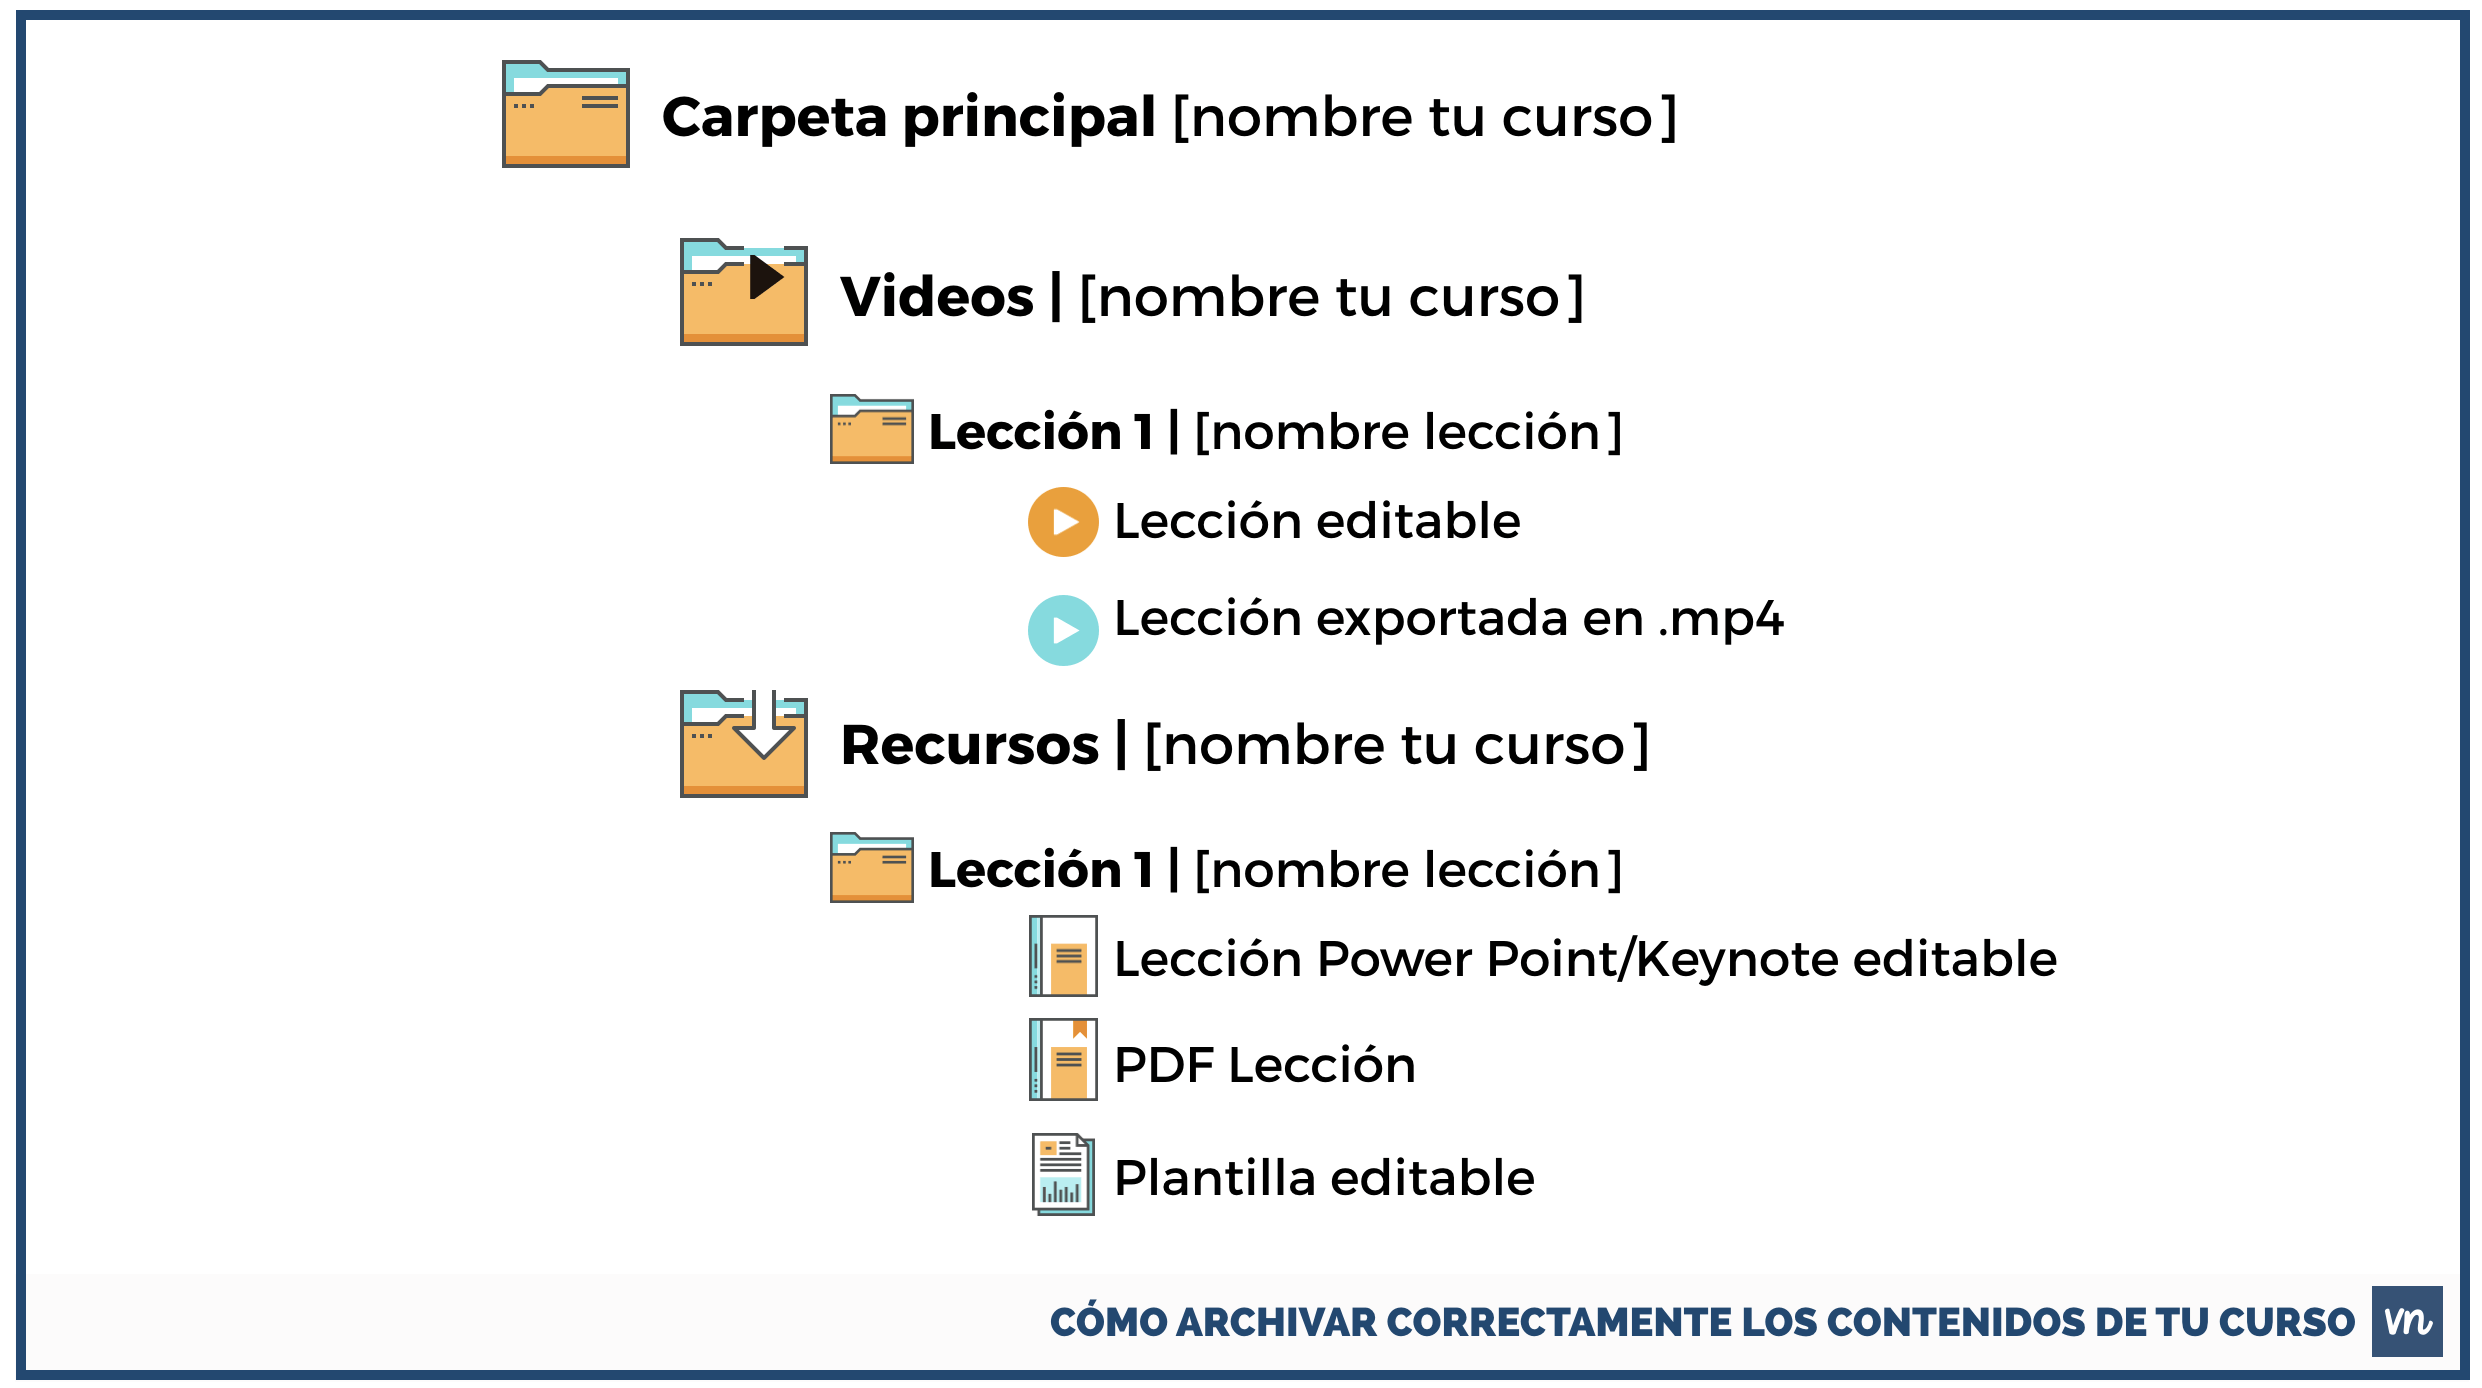 COMO ARCHIVAR LOS CONTENIDOS DE TU CURSO ONLINE